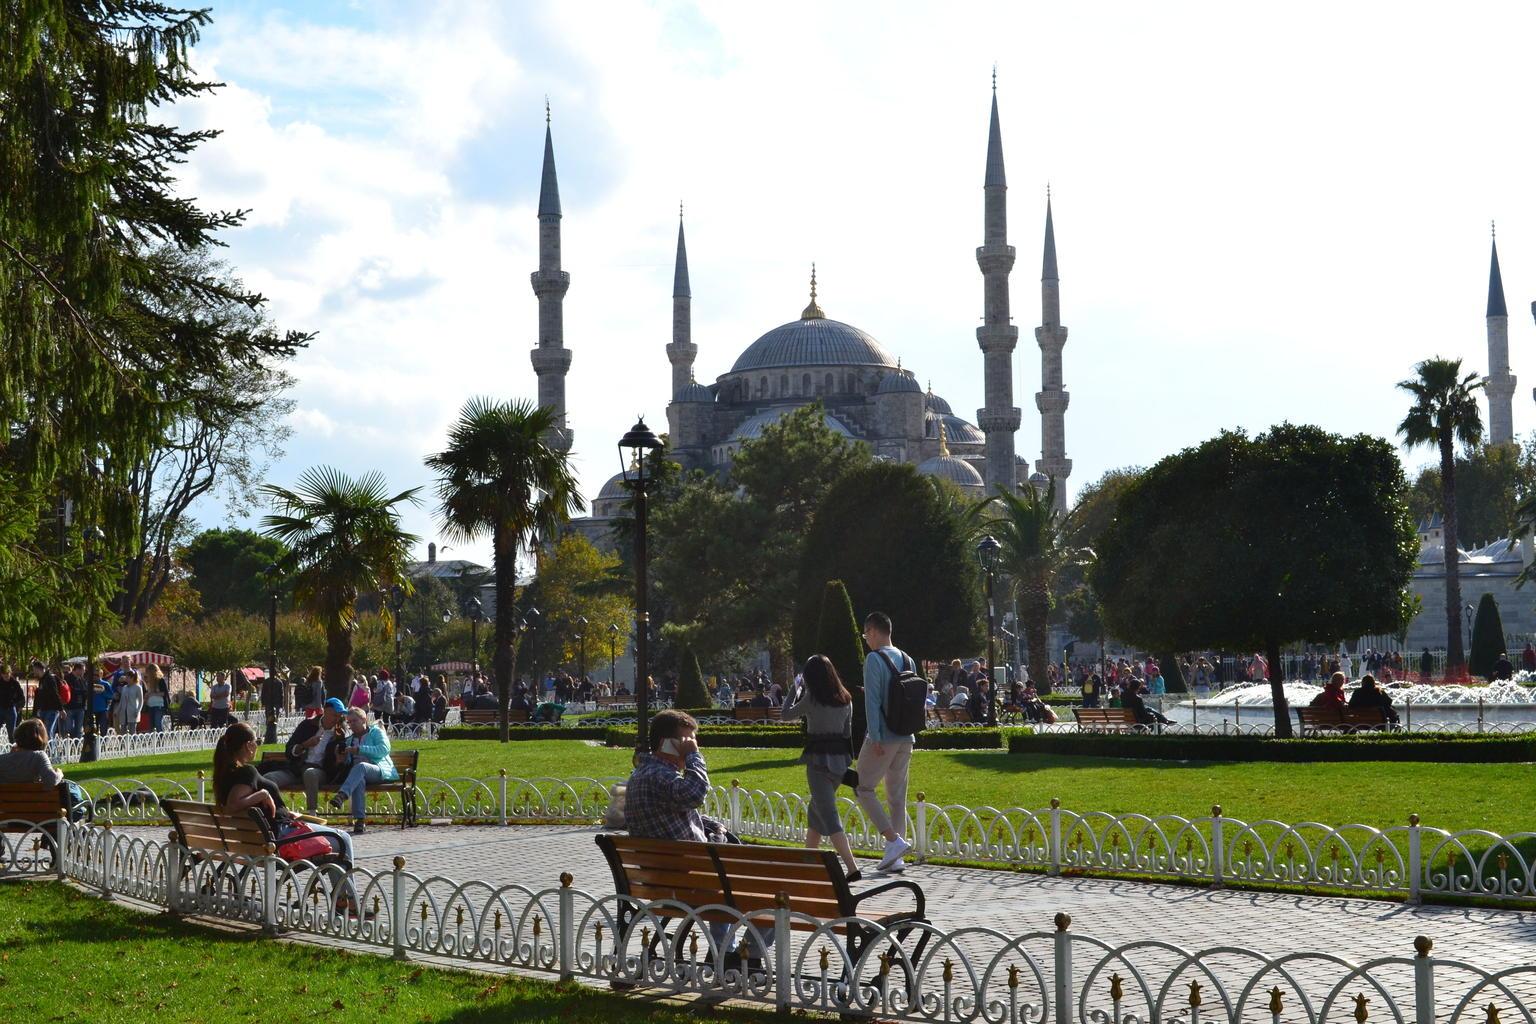 MAIS FOTOS, Excursão da Big Bus em ônibus panorâmico pela cidade de Istambul